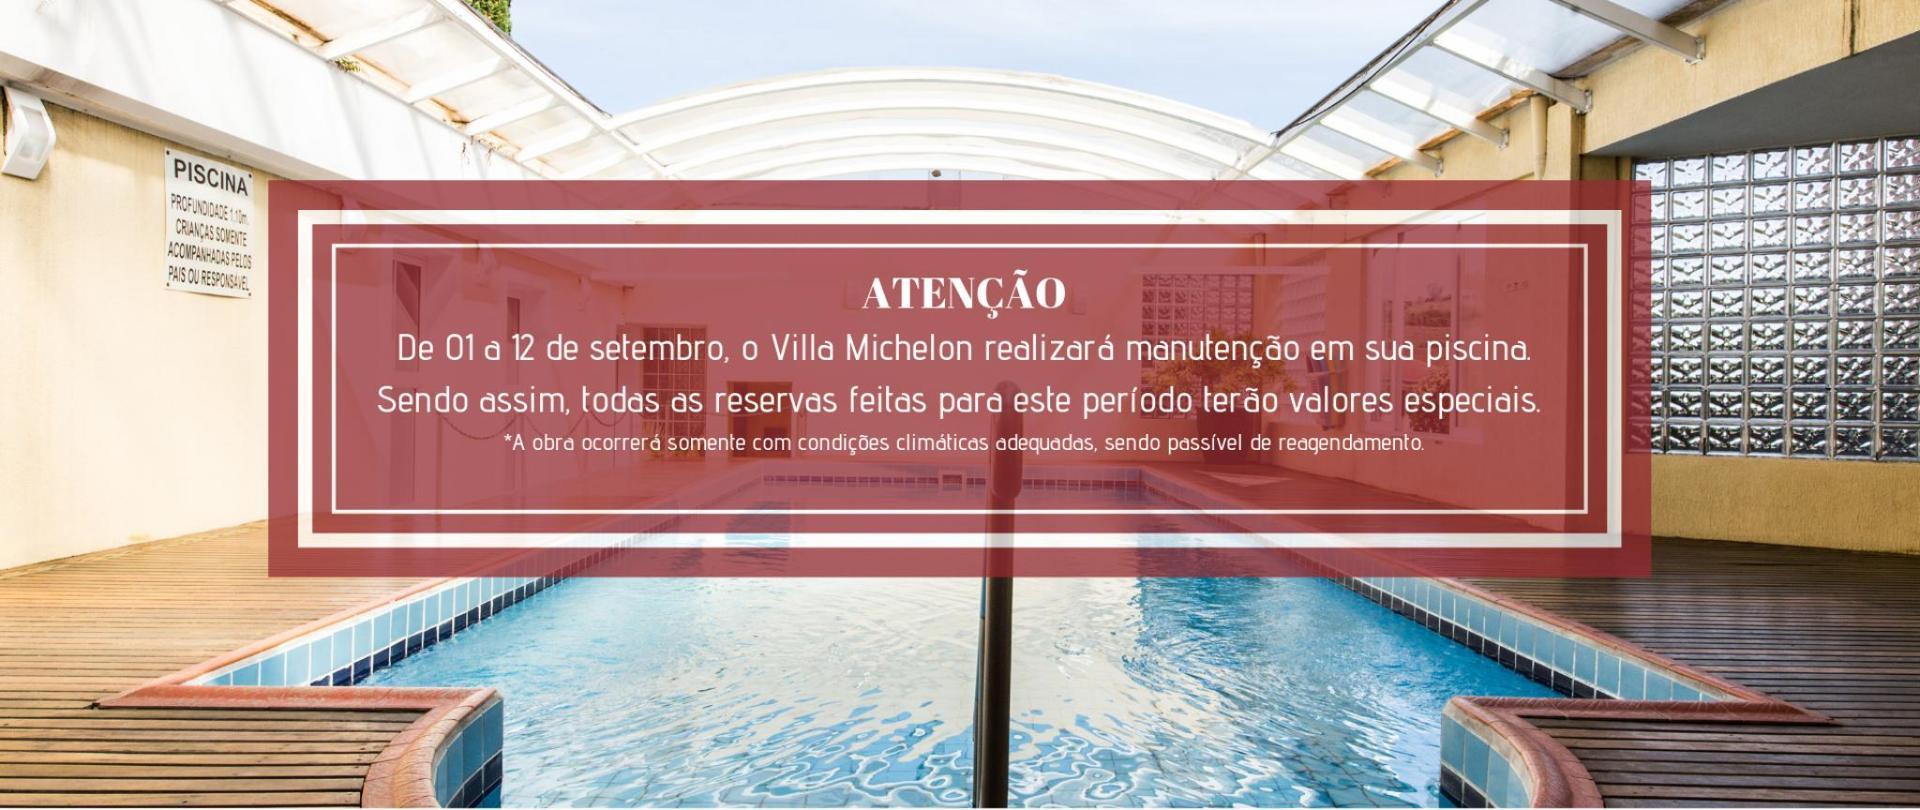 ATENÇÃO De 8 a 15 de setembro, o Villa Michelon realizará manutenção em nossa piscina. Sendo assim, para reservas ajustadas nesse período, as tarifas foram ajustadas com descontos especiais. _A obra ocorrerá som (3).png